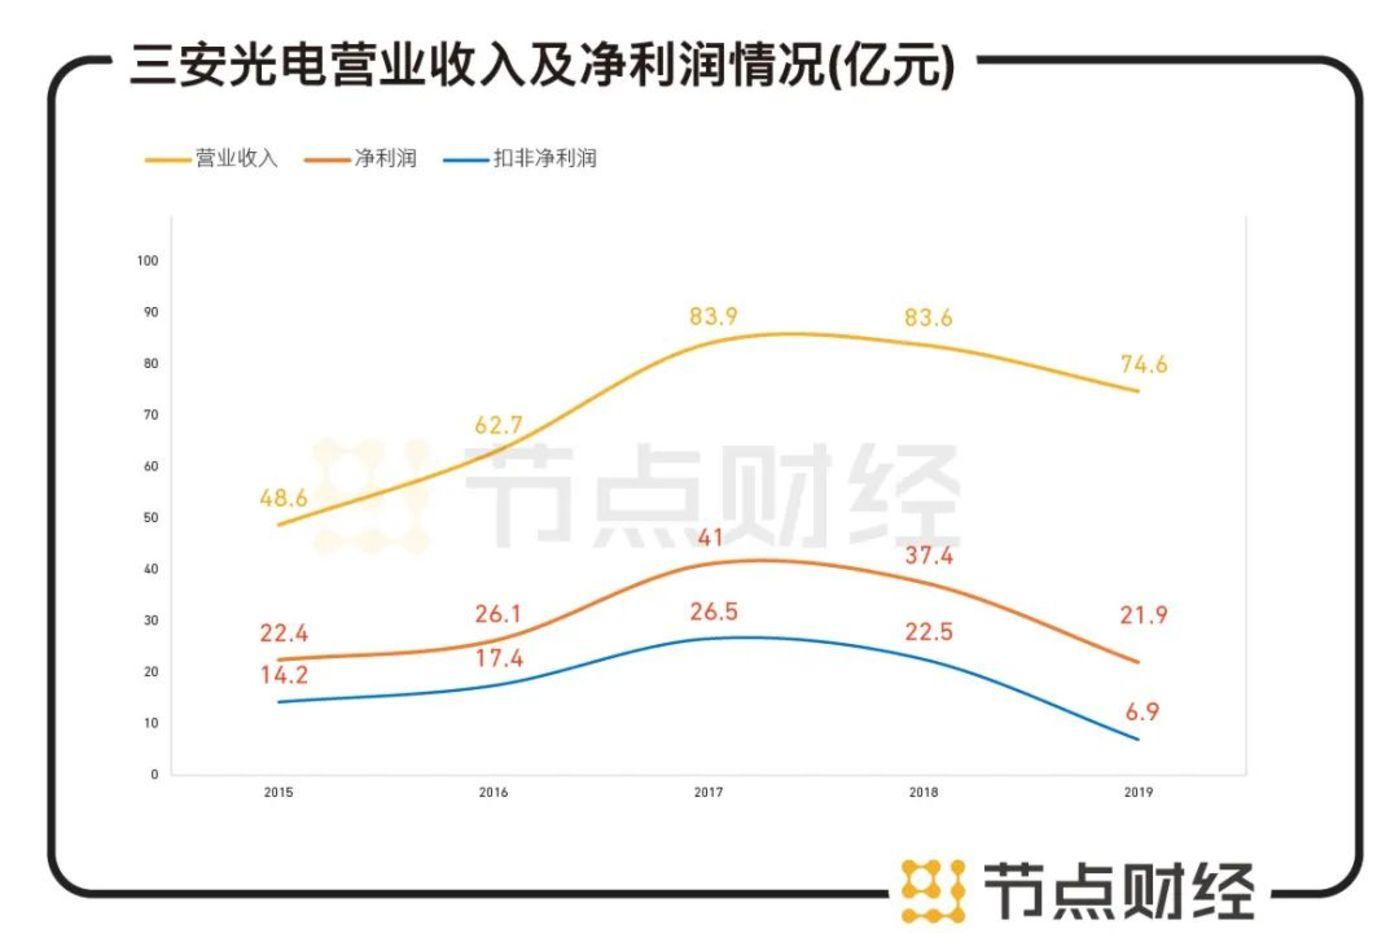 数据来源:三安光电财报